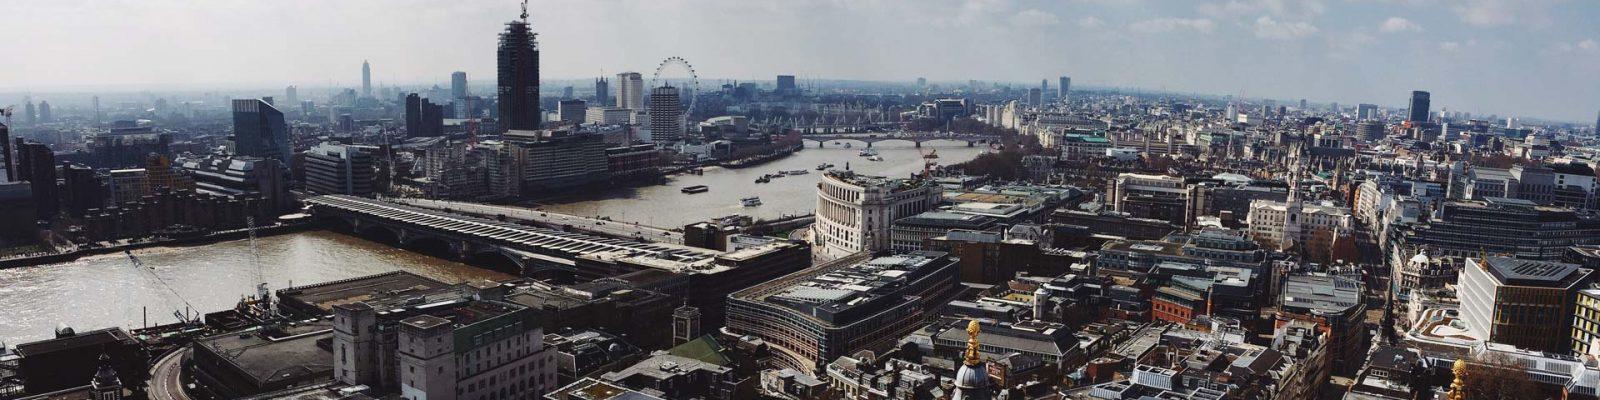 100% Design Londra, immagine di copertina